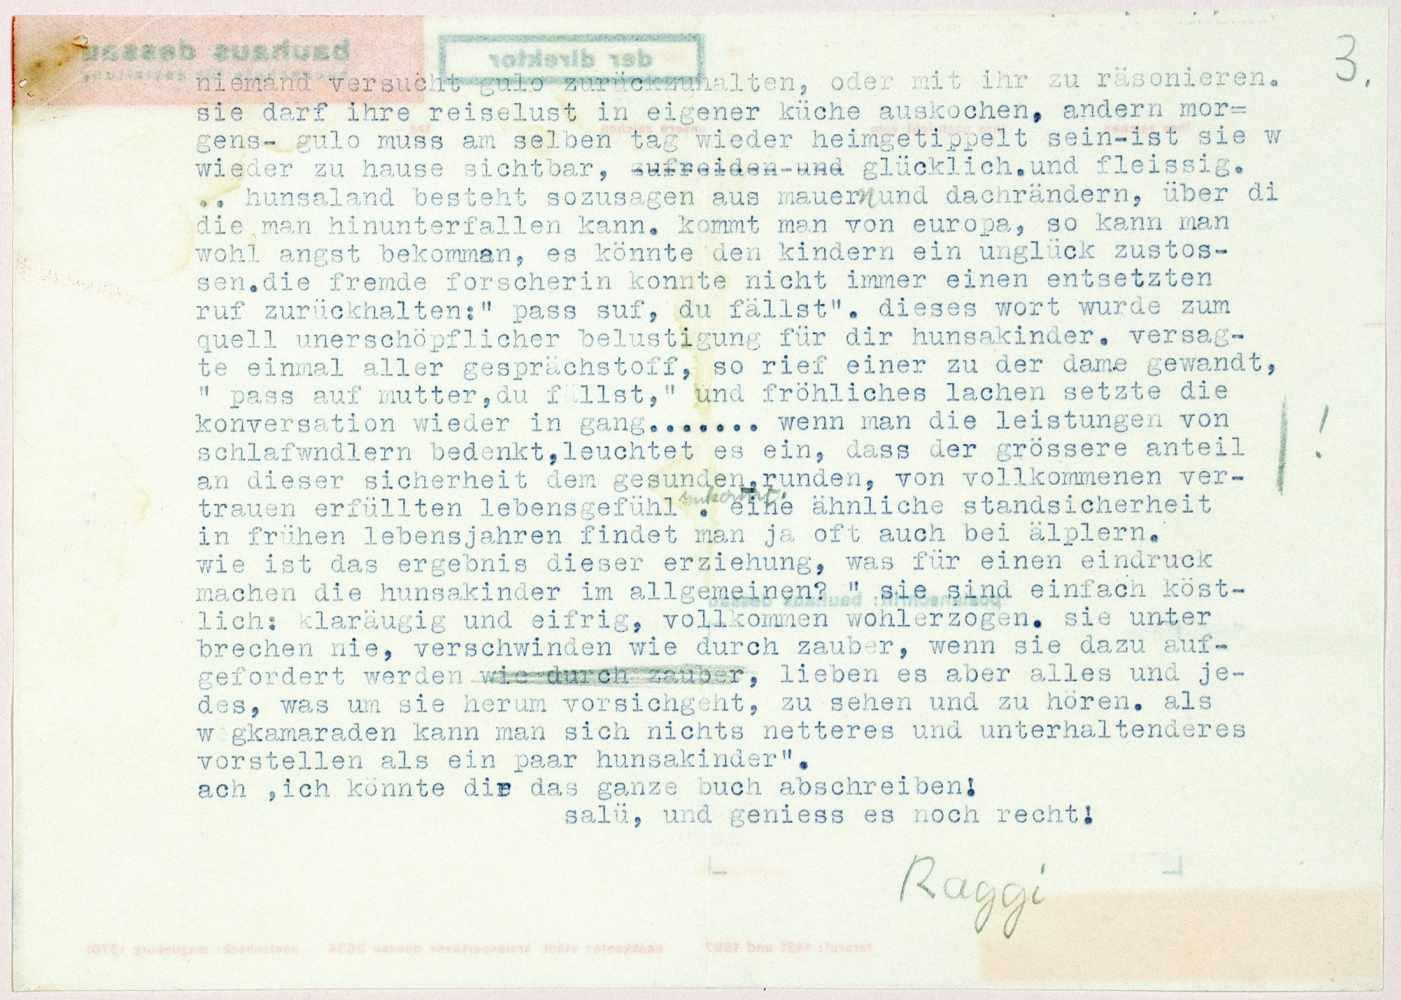 Bauhaus - Herbert Bayer. Der Direktor. Bauhaus Dessau. Hochschule für Gestaltung. Buchdruck in Rot - Image 2 of 2